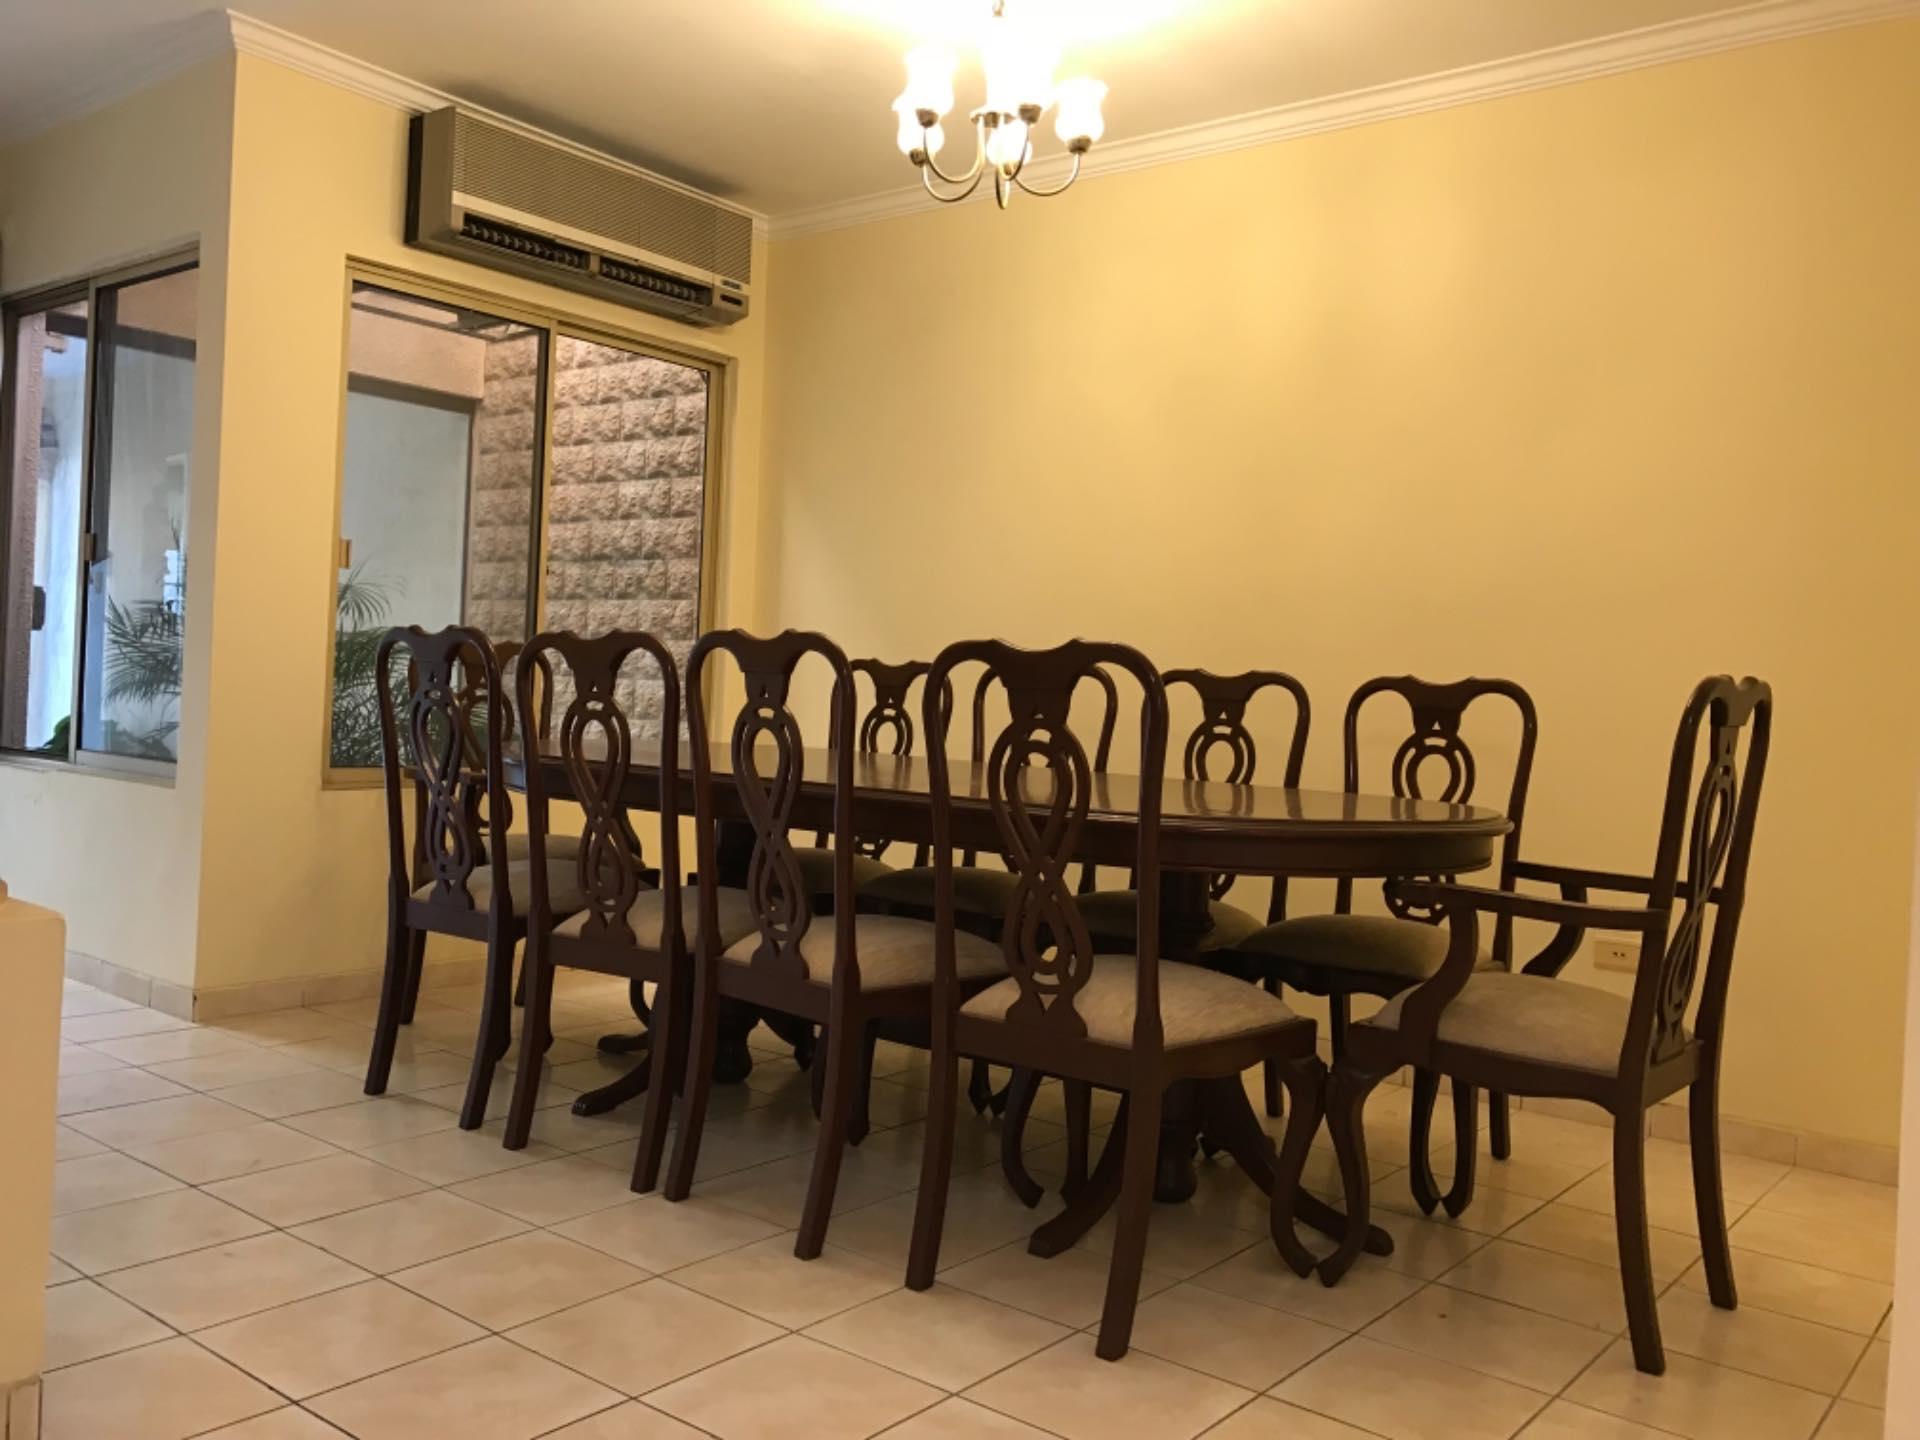 Casa en Alquiler Av. La Barranca barrio El Trompillo Alcaya #300 esq. Zoilo flores  Foto 9